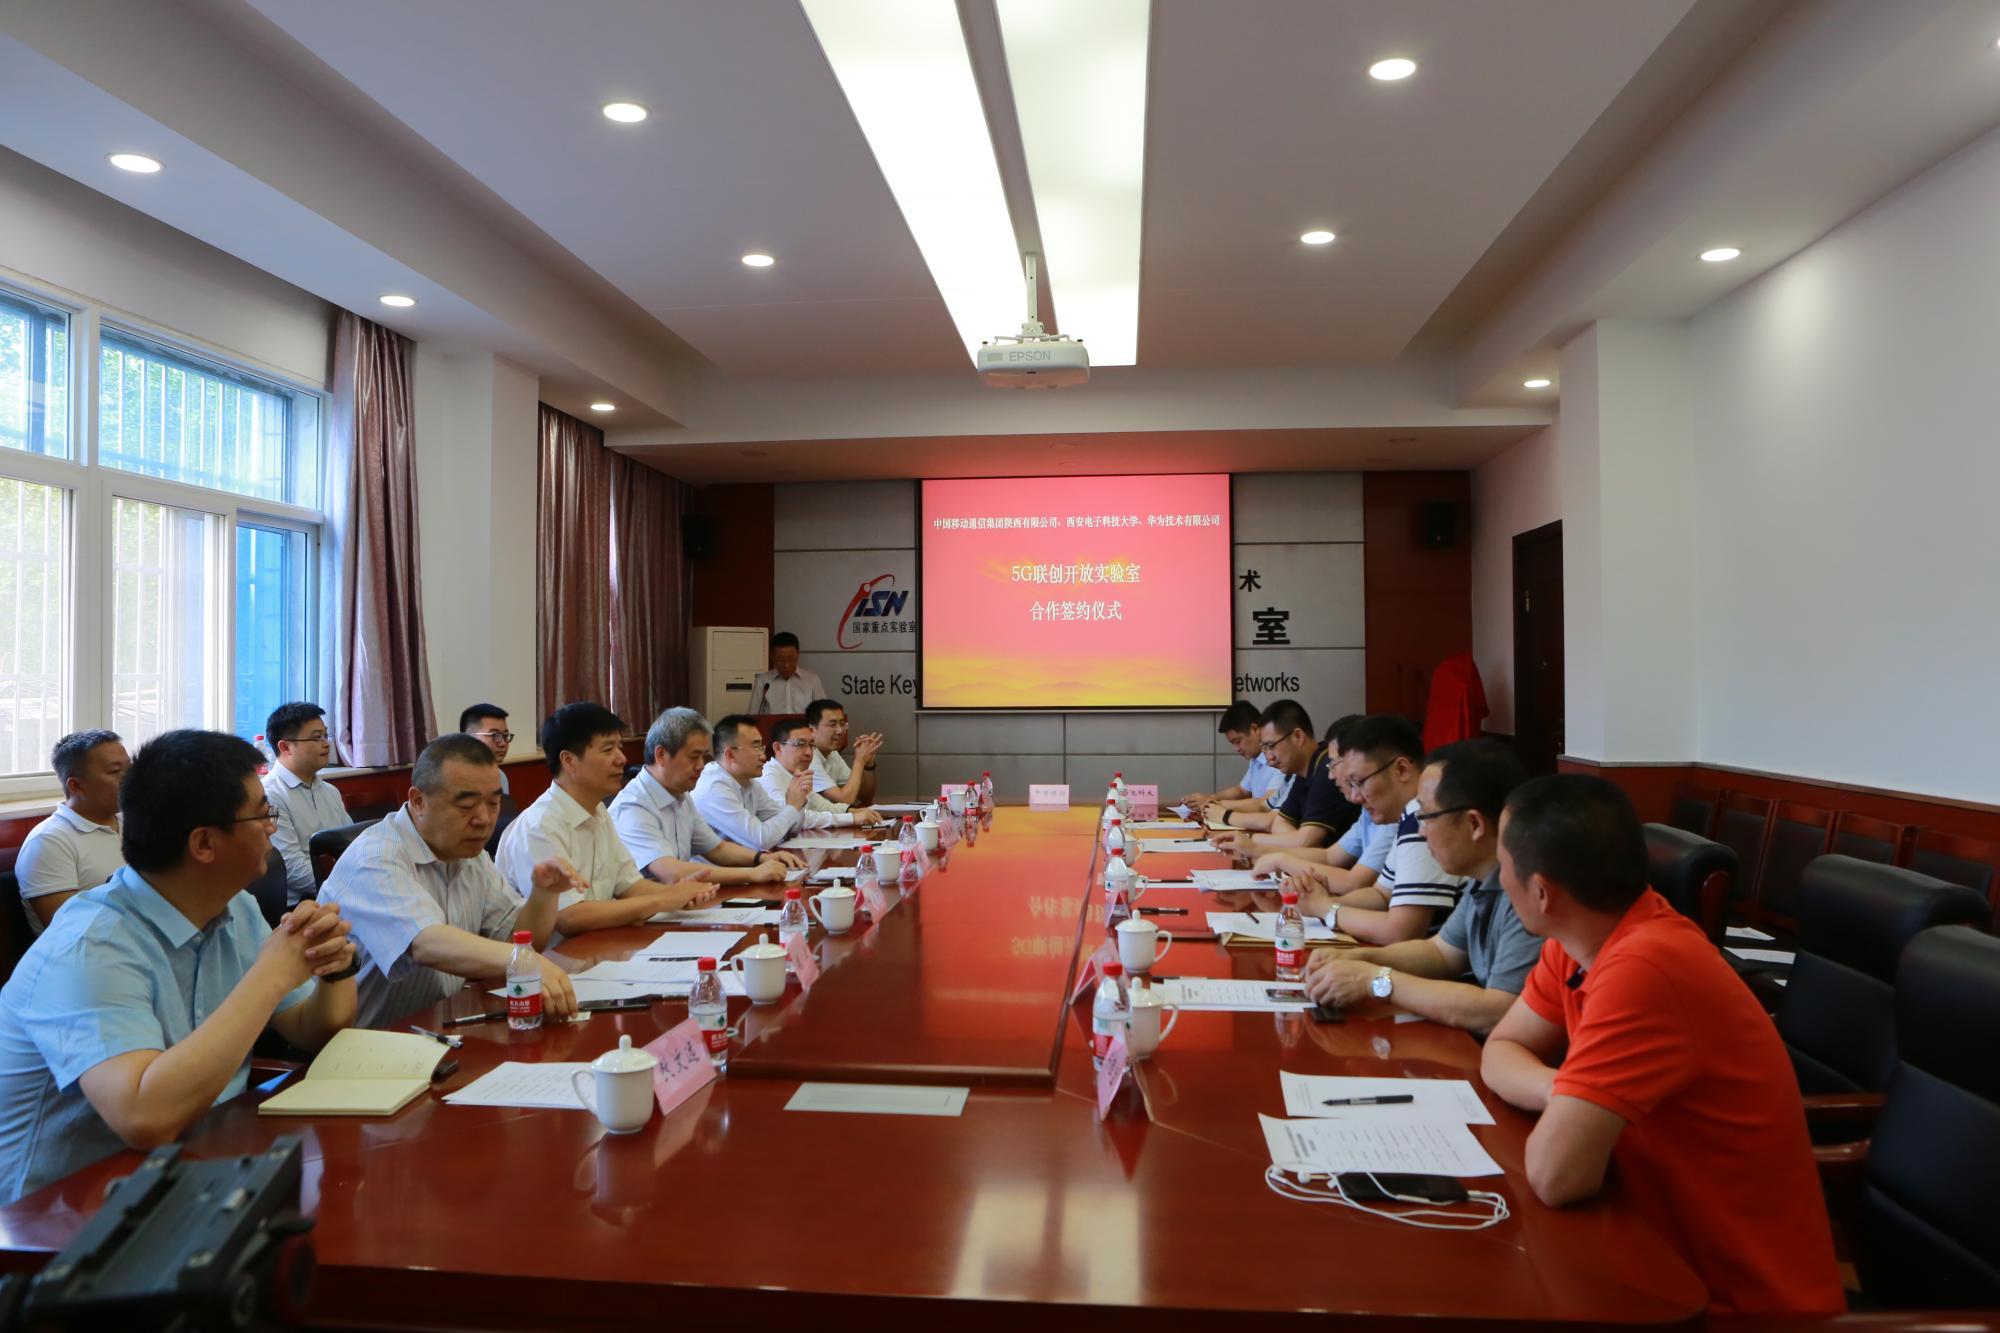 西电举行与陕西移动华为5G联合创新签约仪式